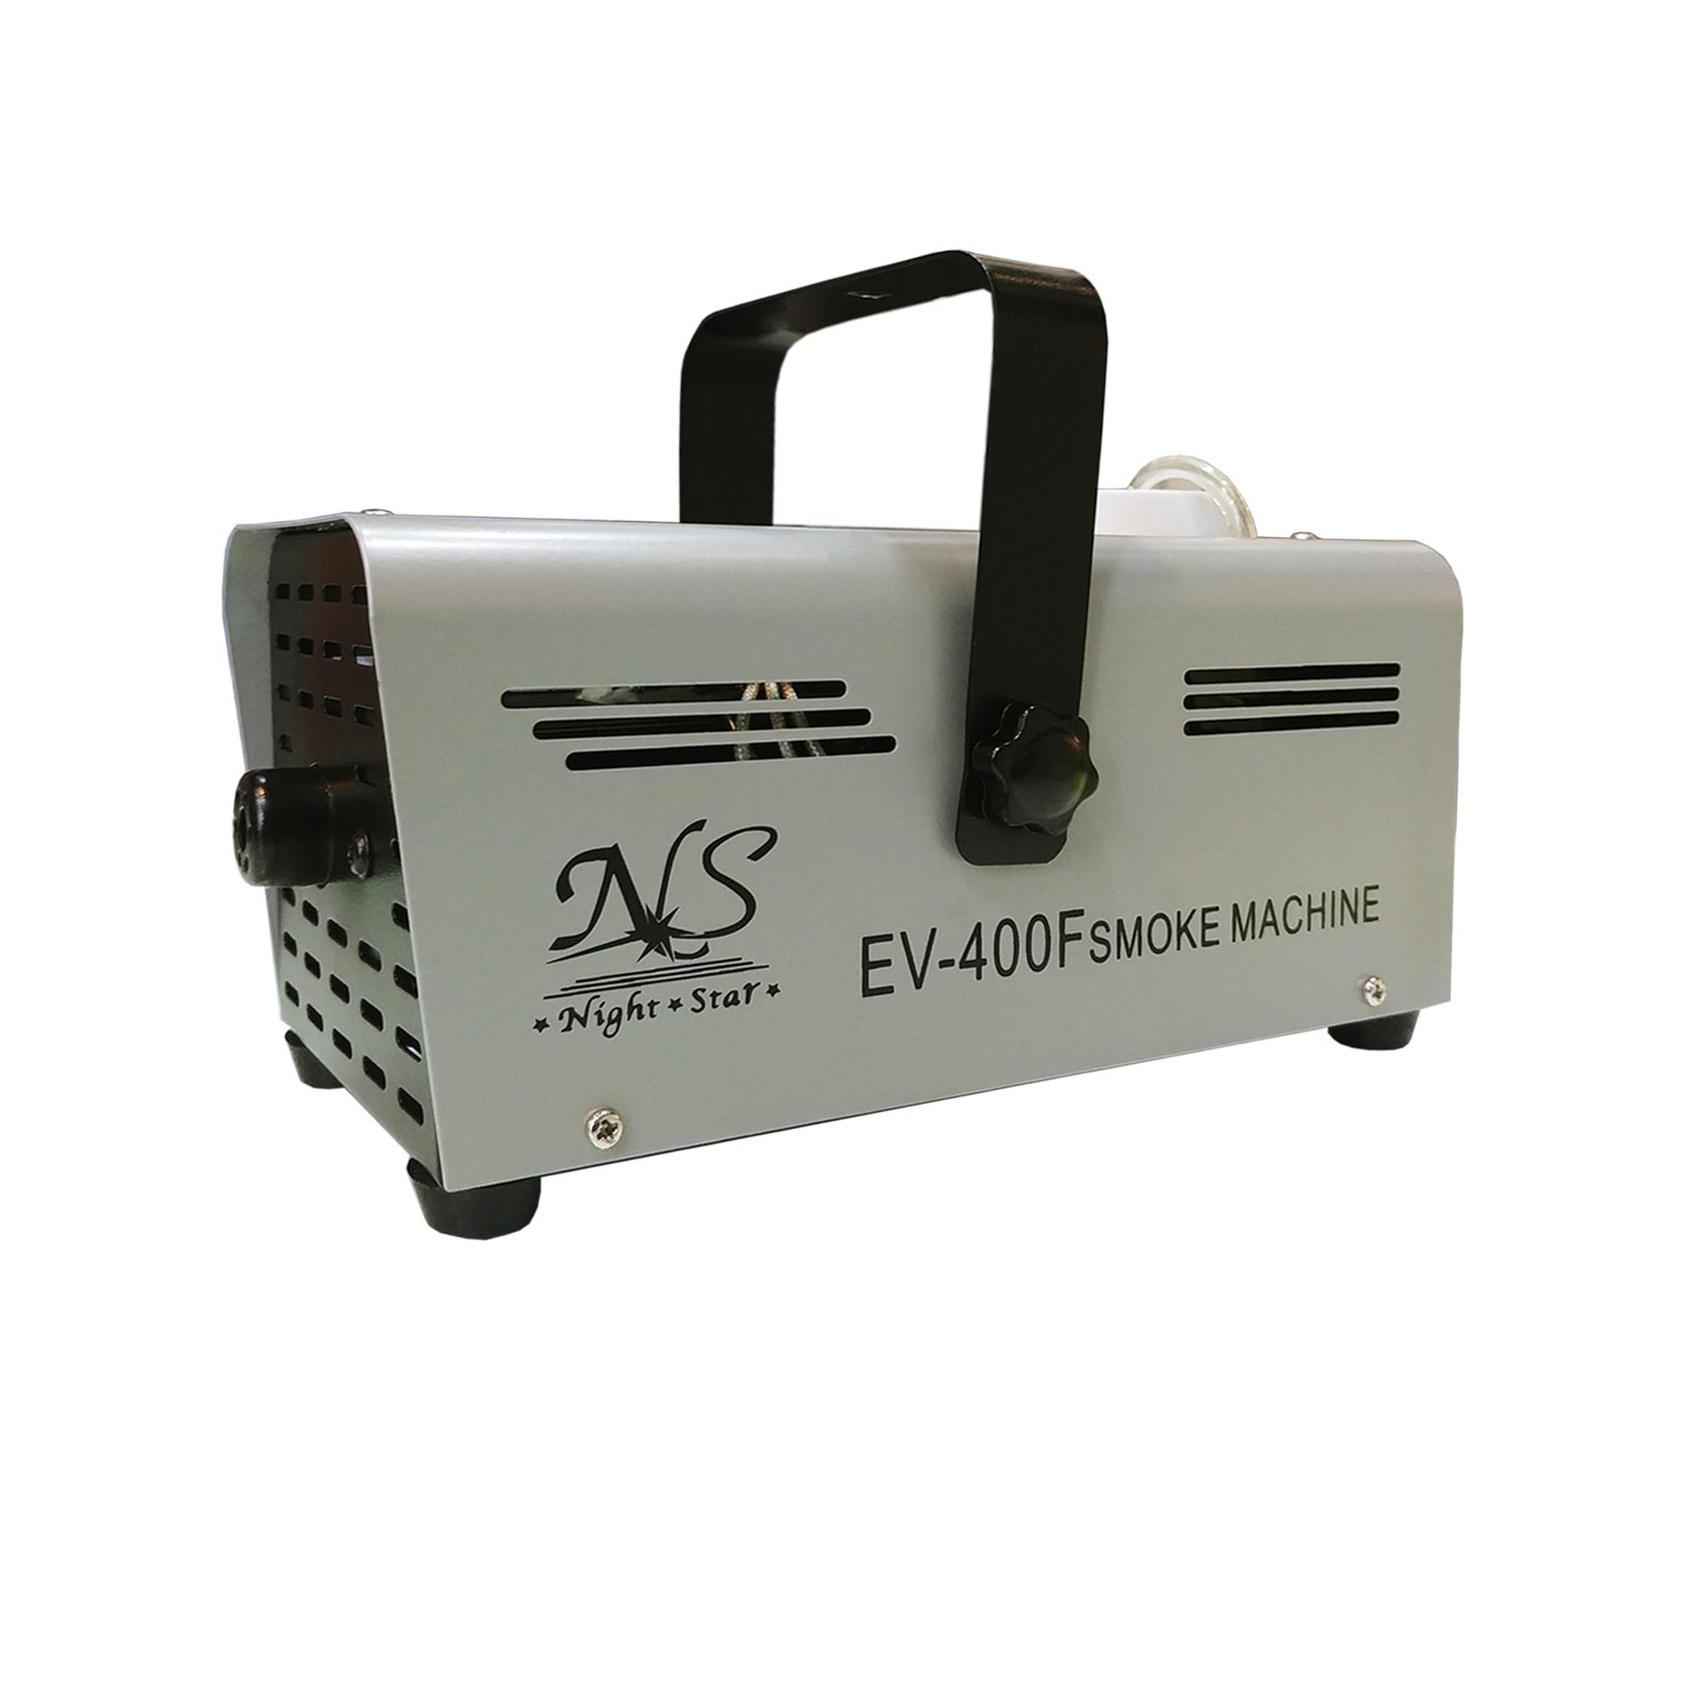 دستگاه مه ساز نایت استار مدل EV-400F